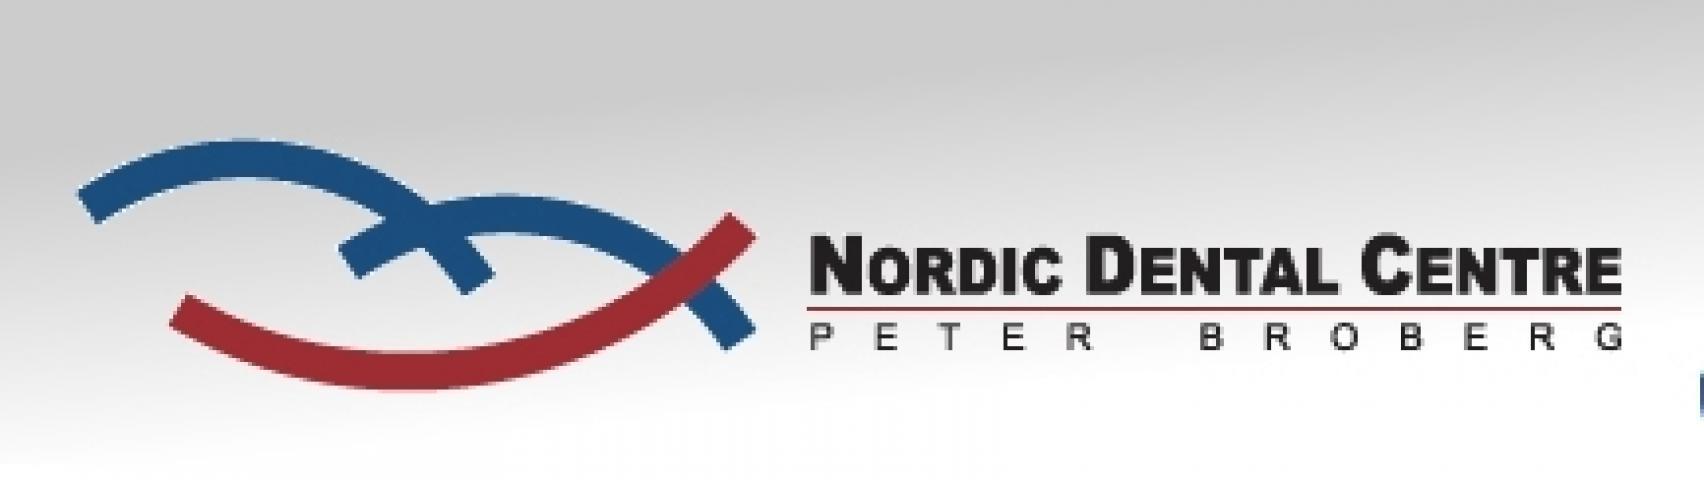 Photos of Nordic Dental Centre